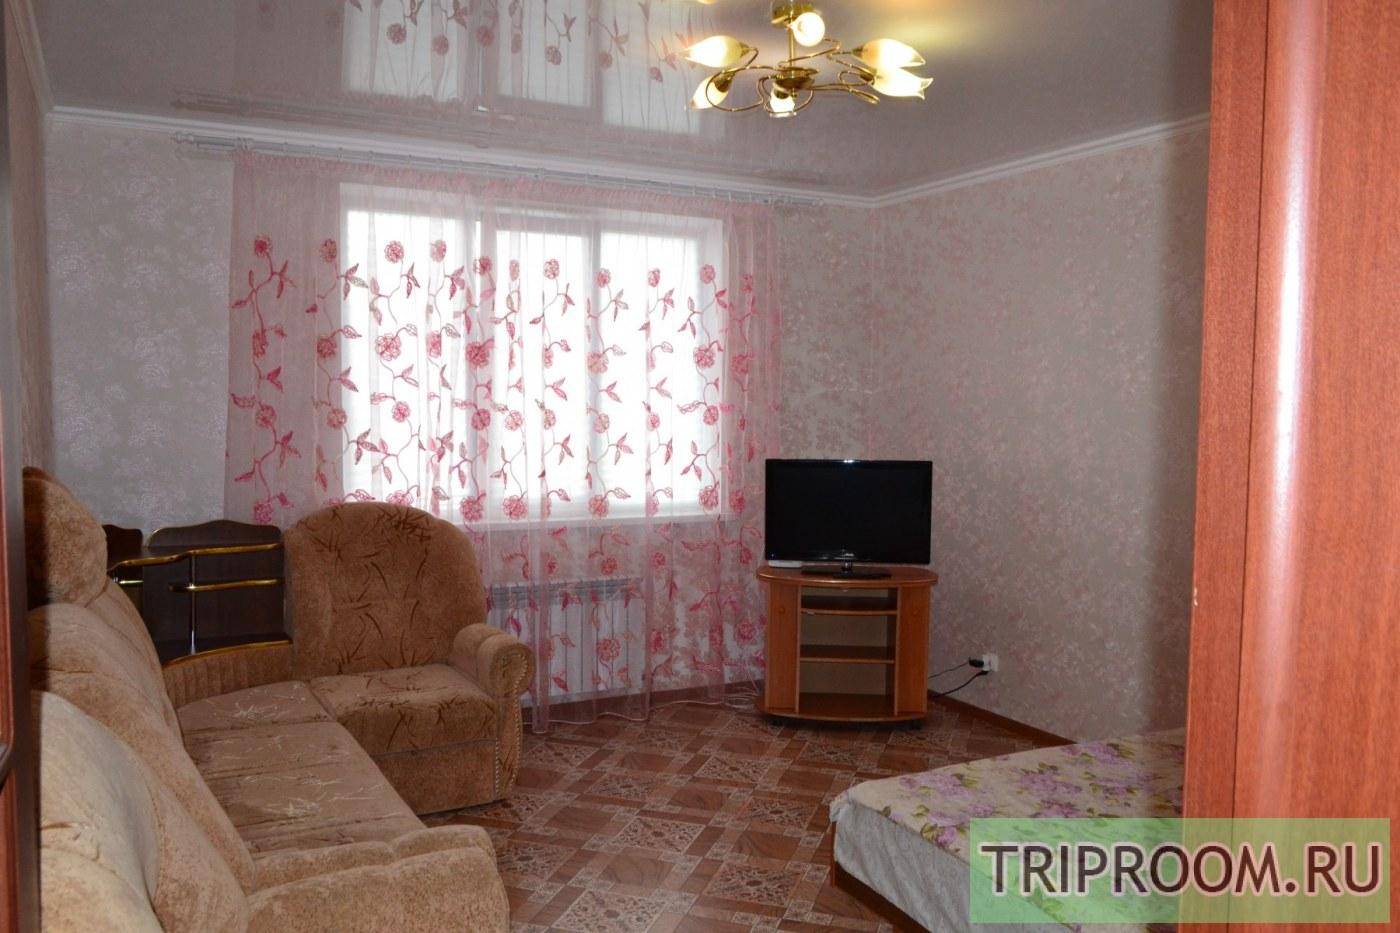 1-комнатная квартира посуточно (вариант № 28254), ул. Юлиуса Фучика улица, фото № 1